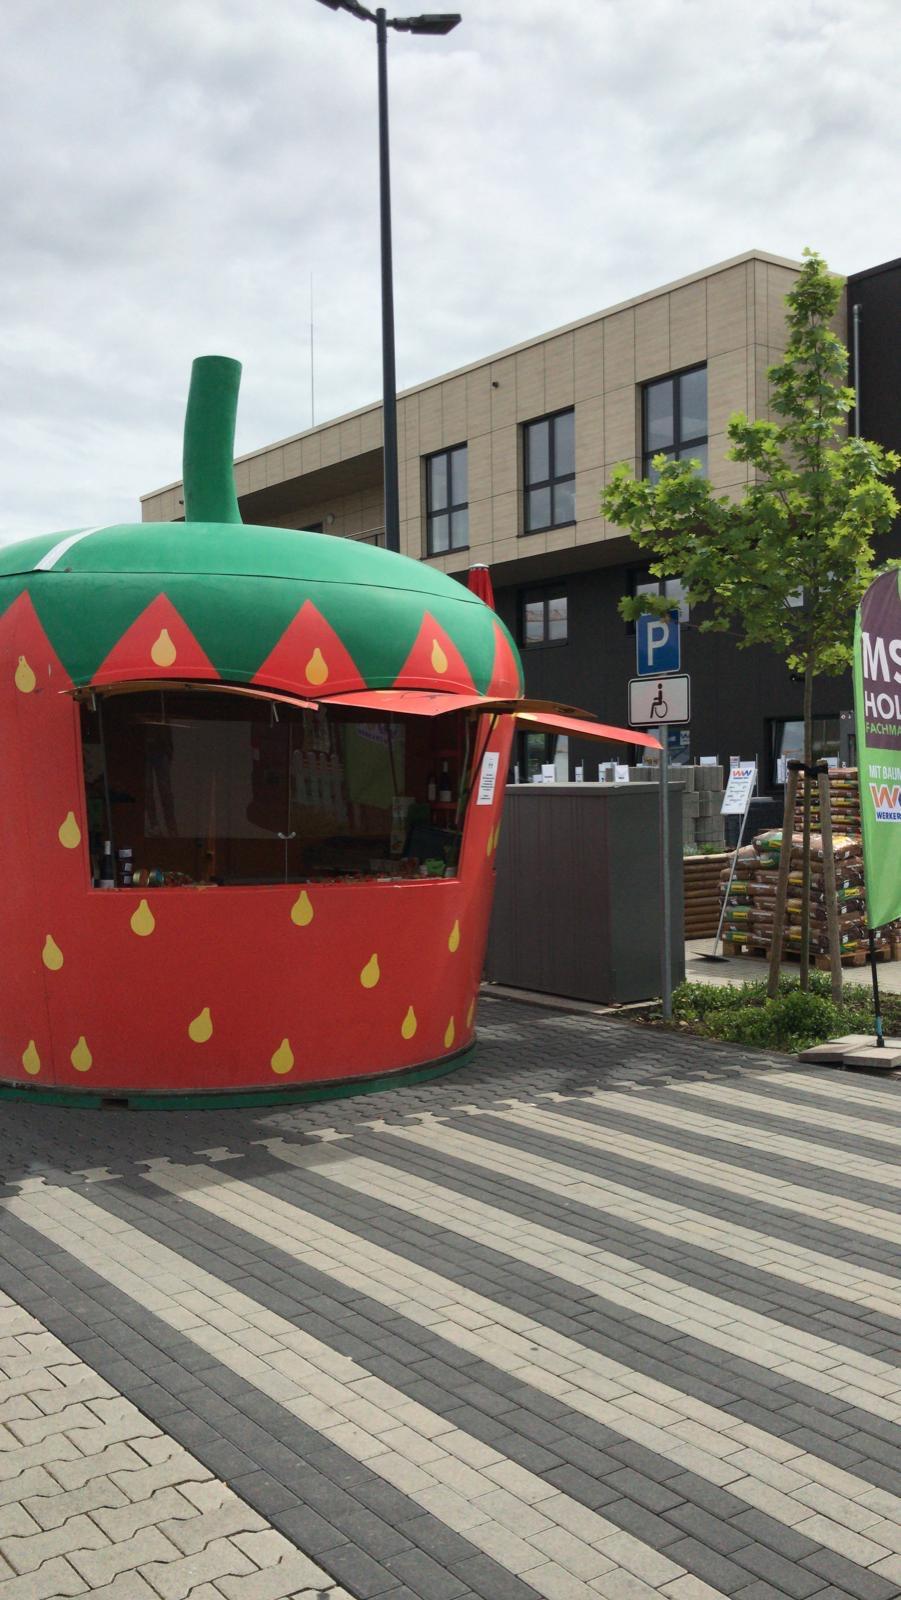 Erdbeere in Nordenstadt öffnet am 05.05.21